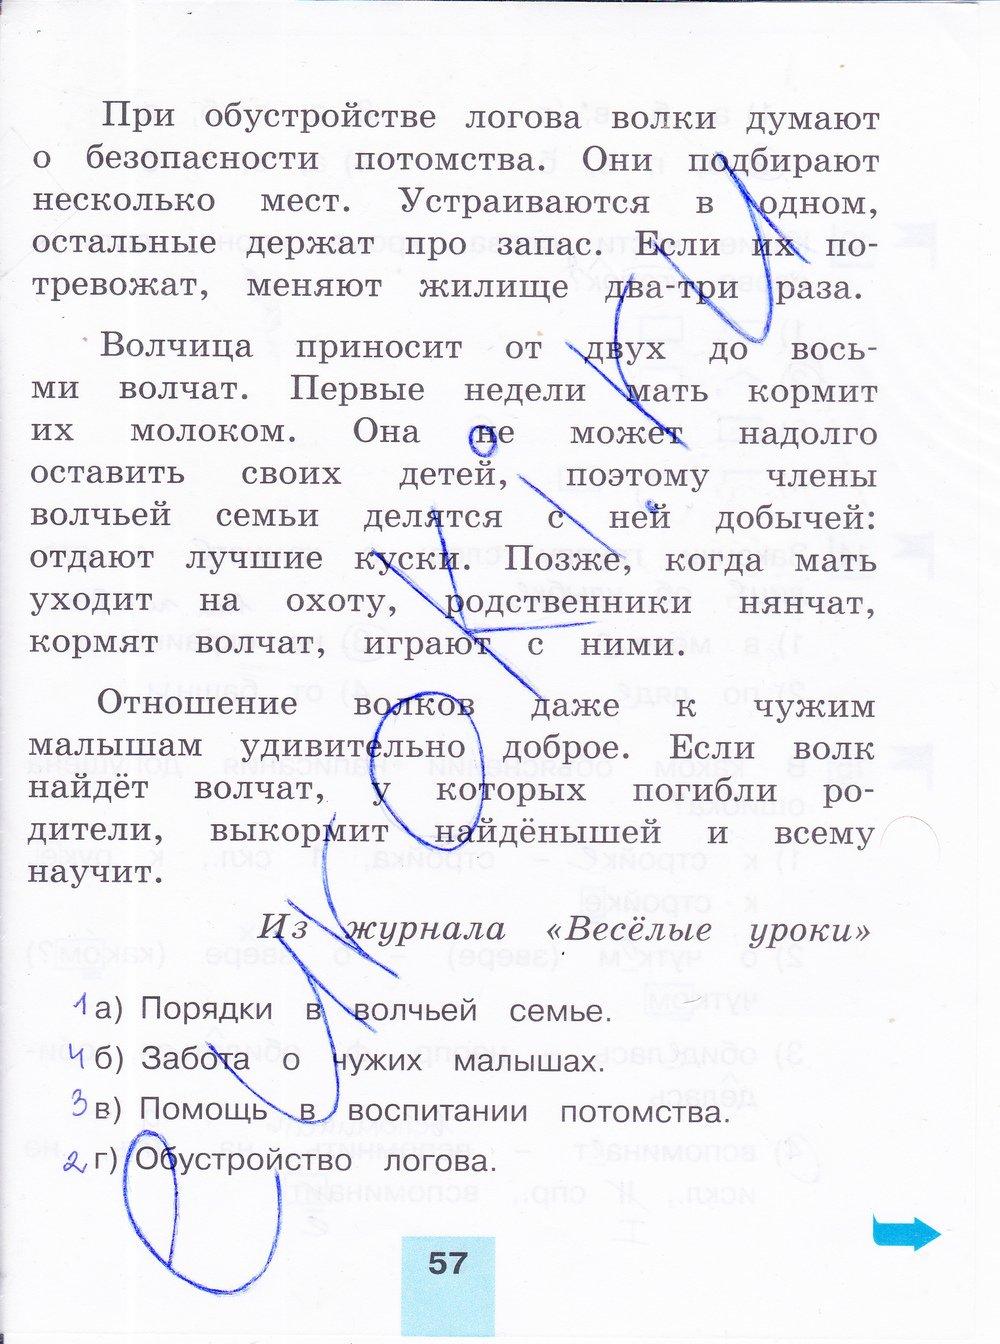 гдз тесты по русскому языку 3 класс корешкова